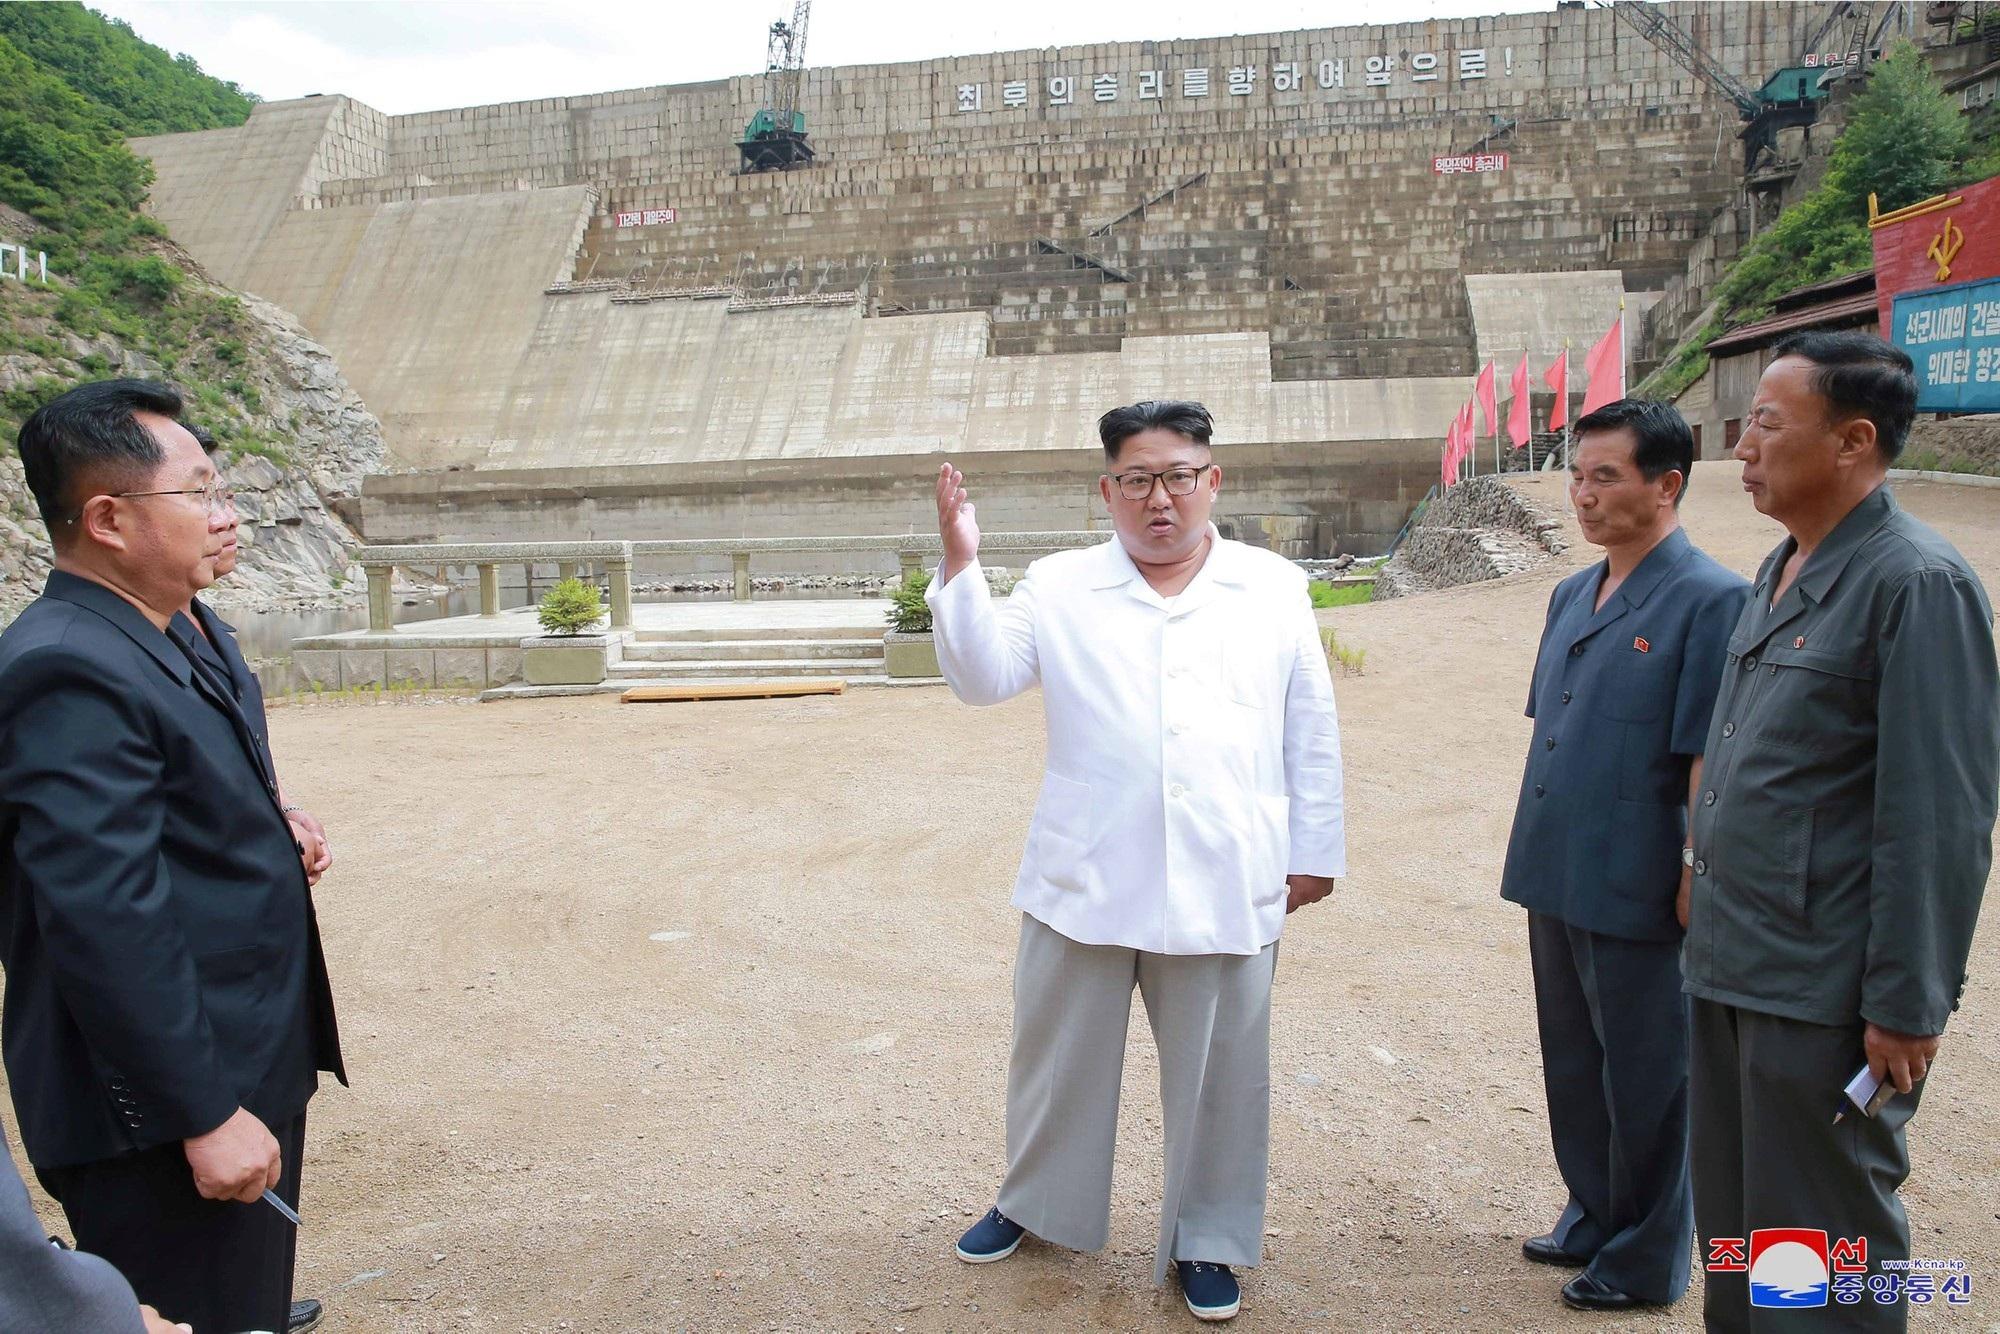 Ông Kim Jong-un đến thăm nhà máy điện Orangchon đang được xây dựng ở Bình Nhưỡng.